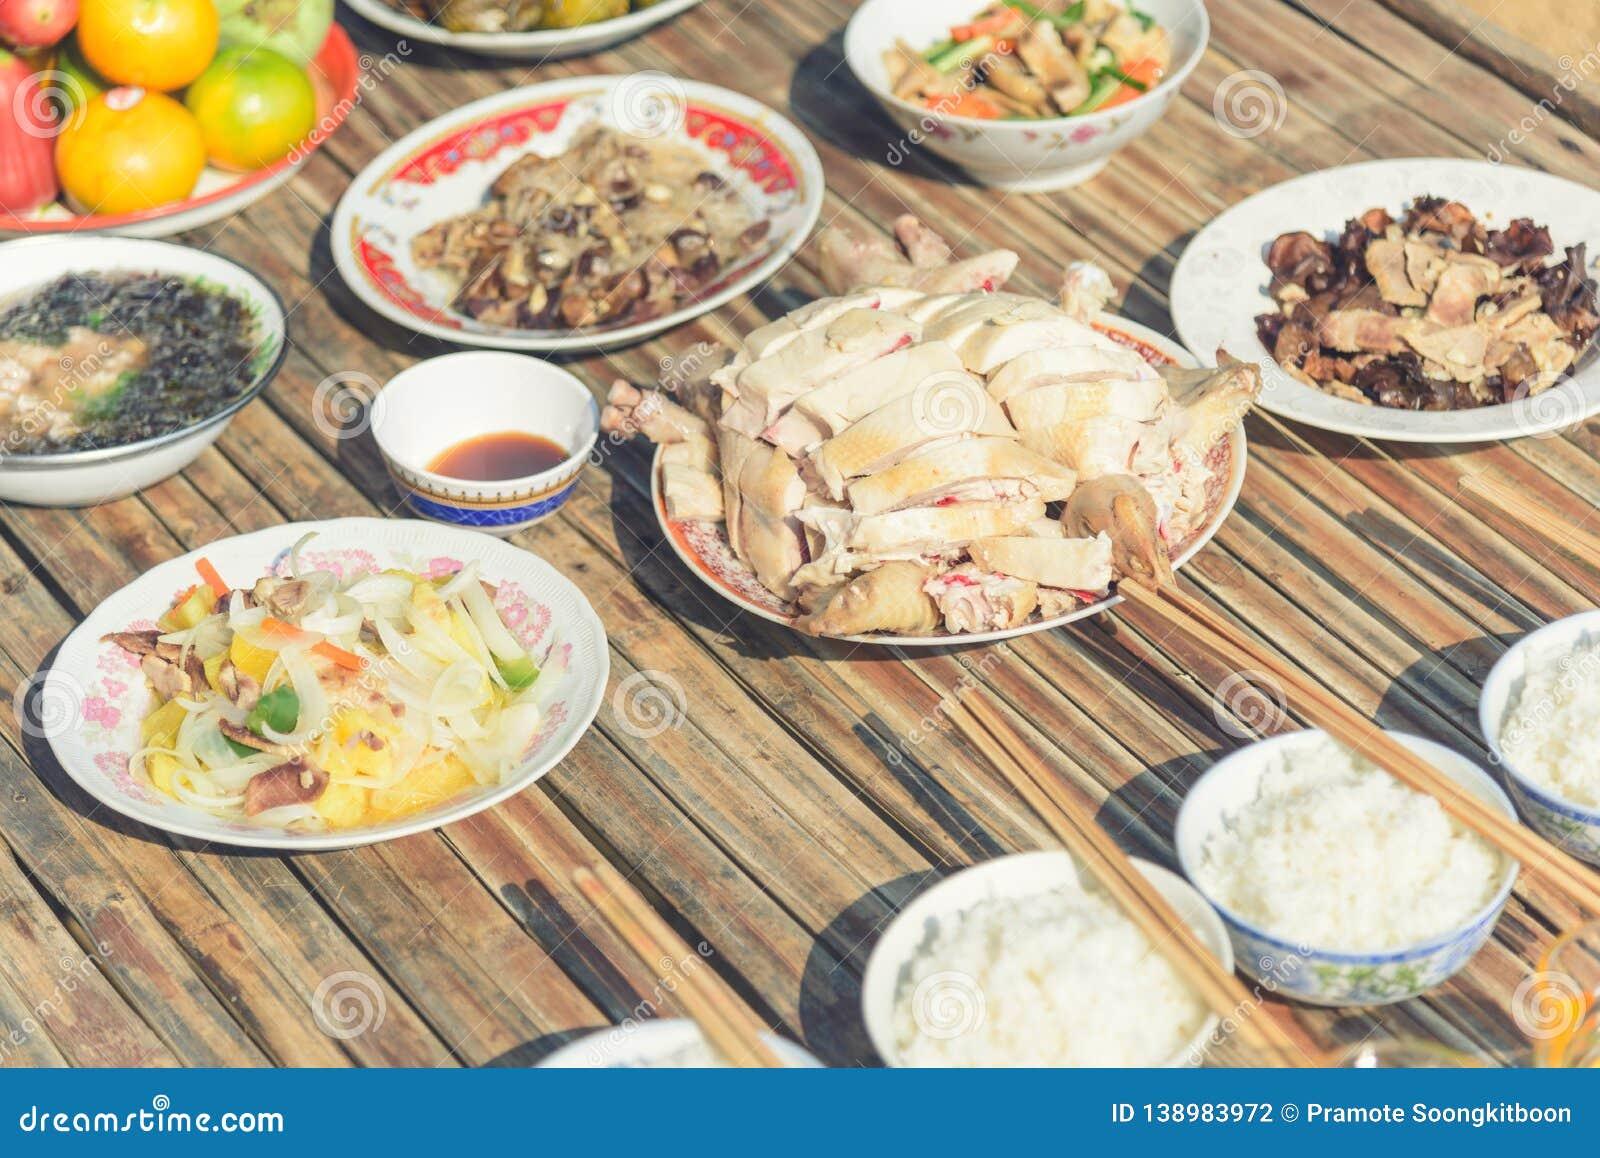 Τα τρόφιμα για κάνουν τις προσφορές στα πνεύματα στο κινεζικό νέο έτος